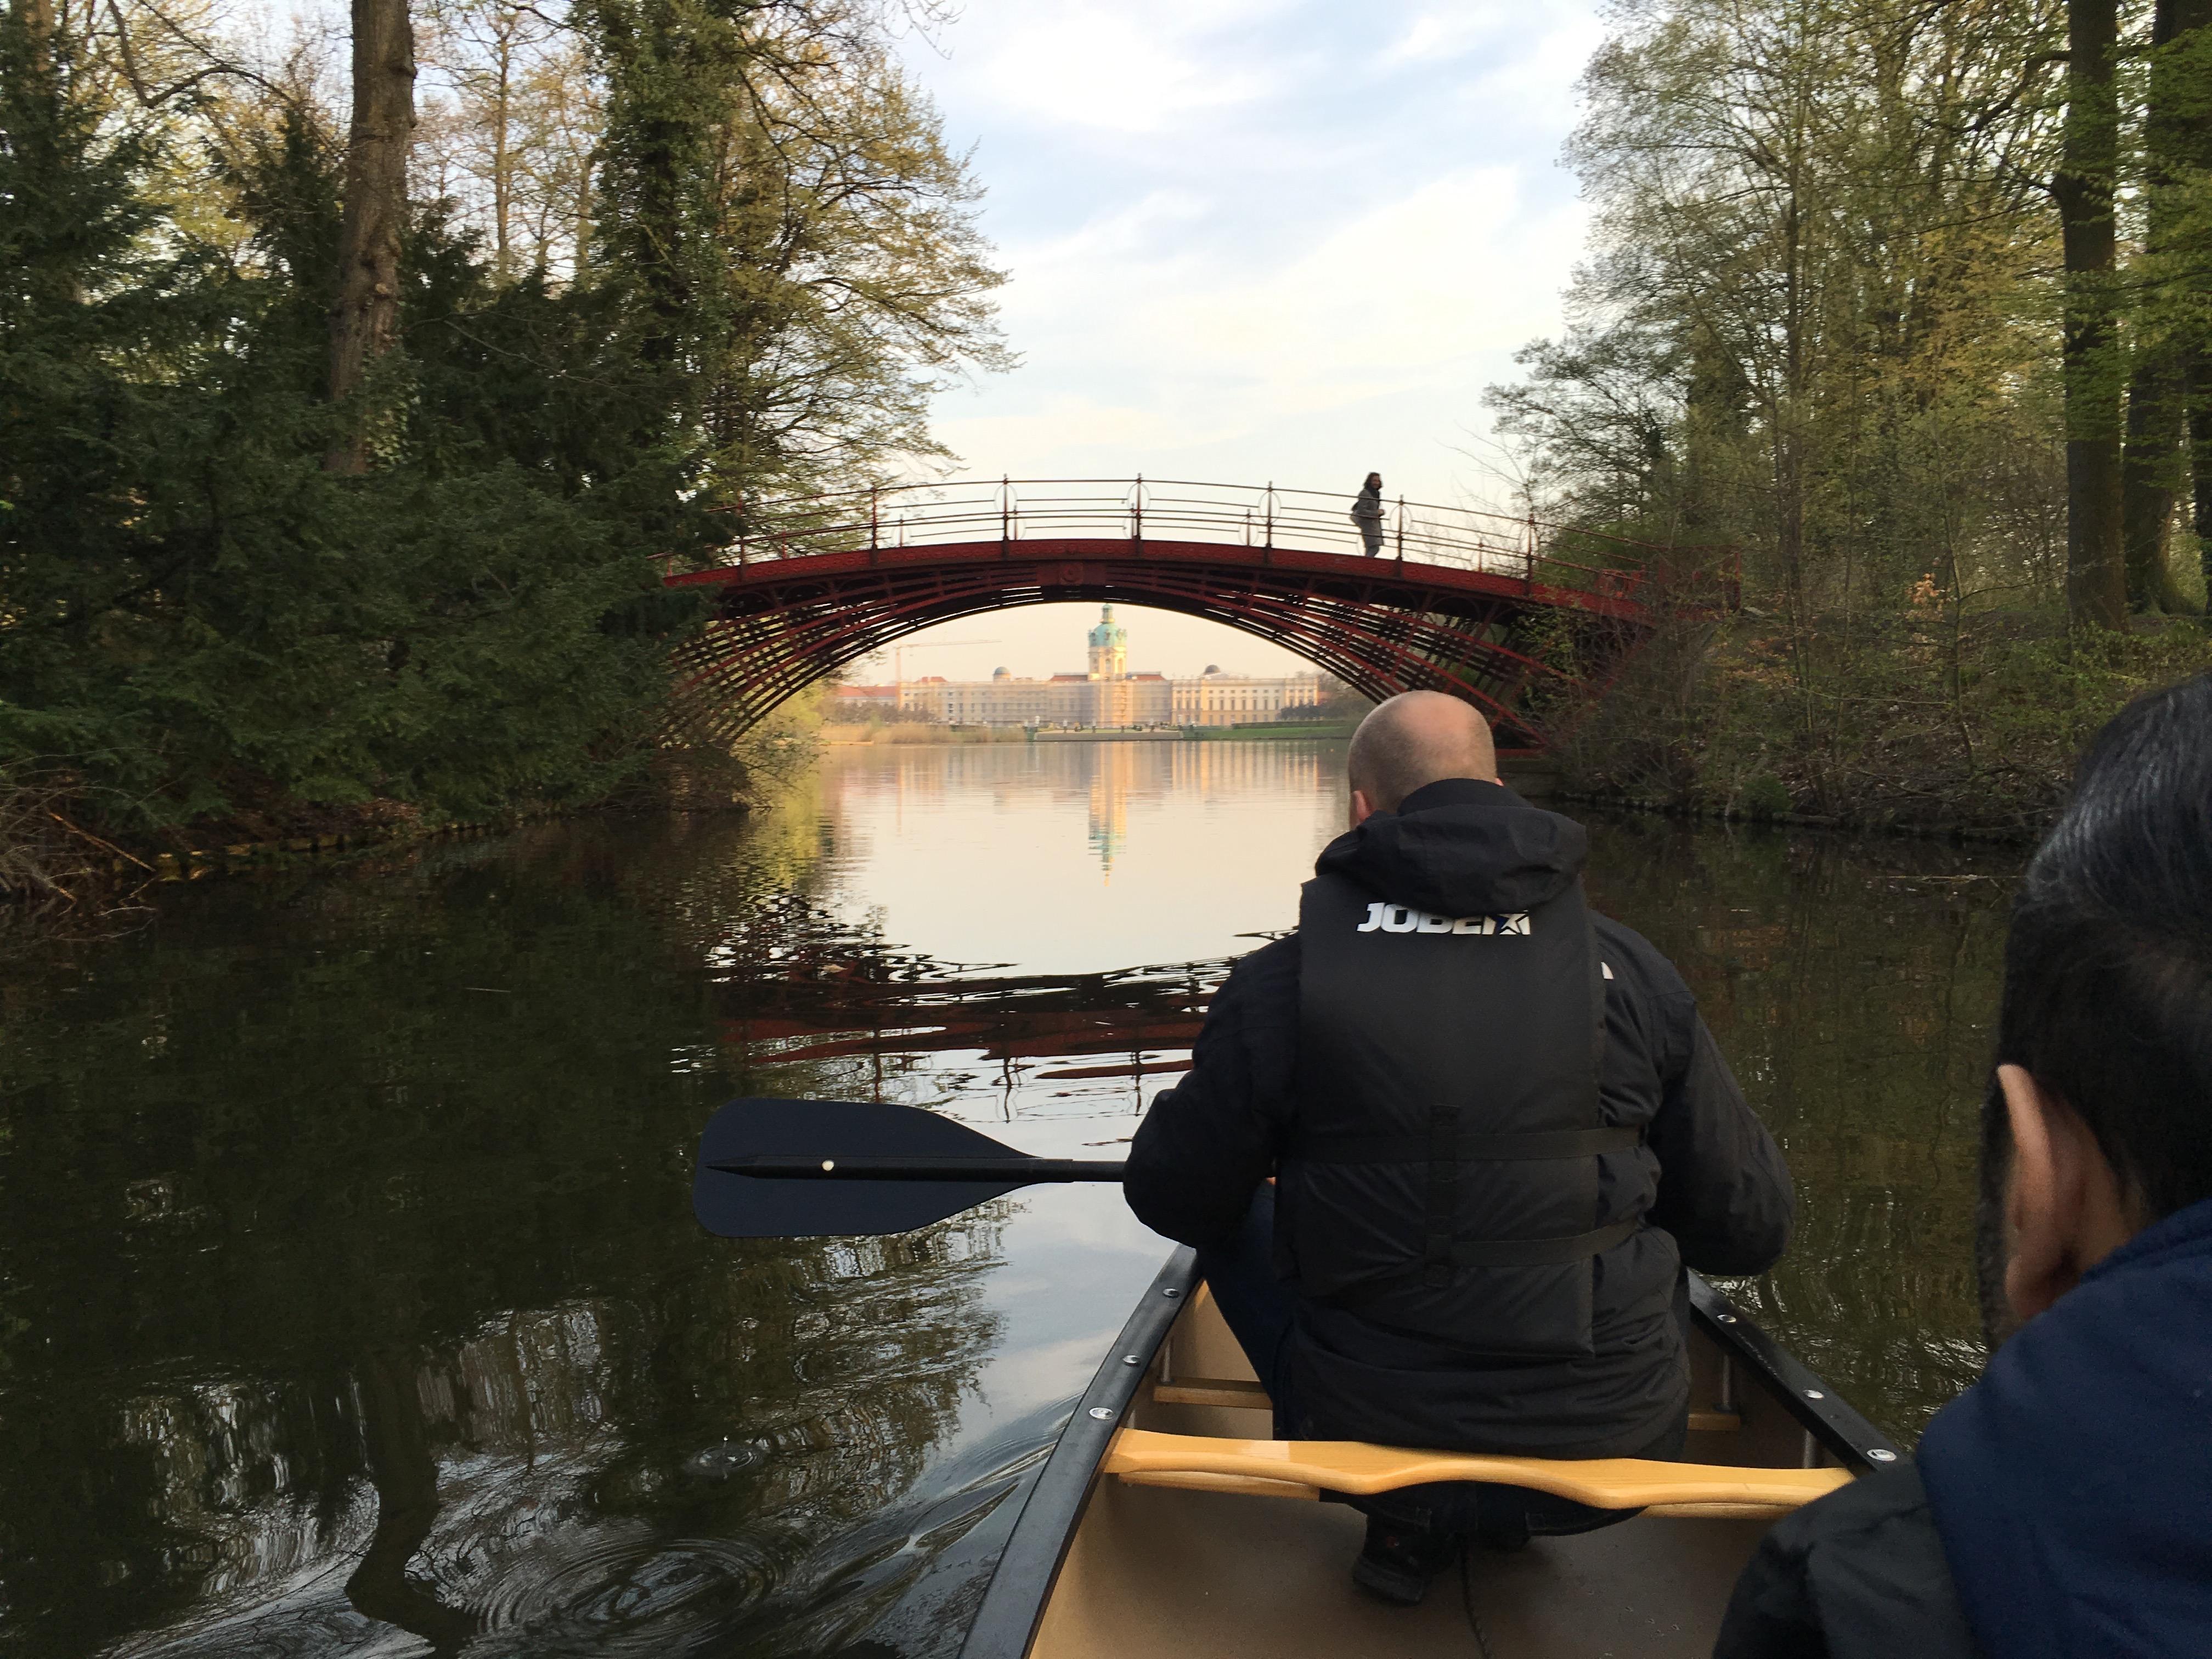 Mit dem Kanu das Schloss Charlottenburg erkunden